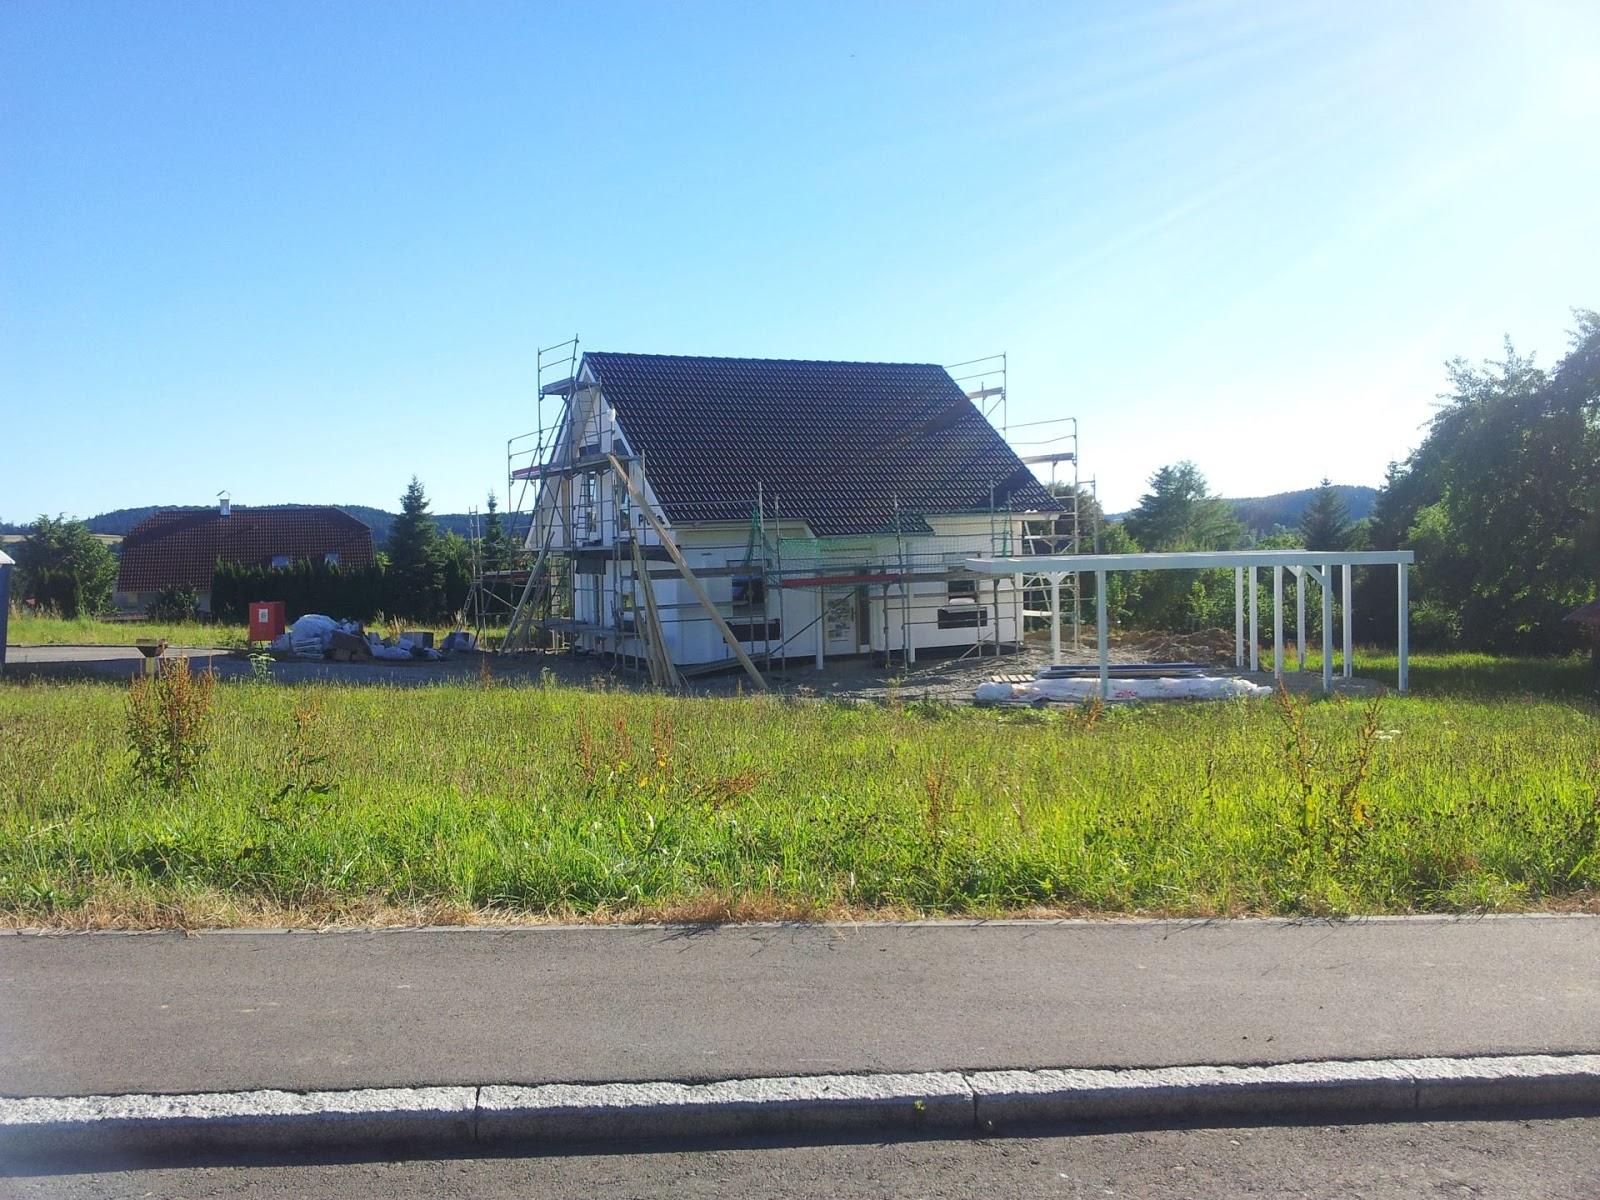 Bautagebuch pappelweg hausbau tag 3 4 for Hausbau forum